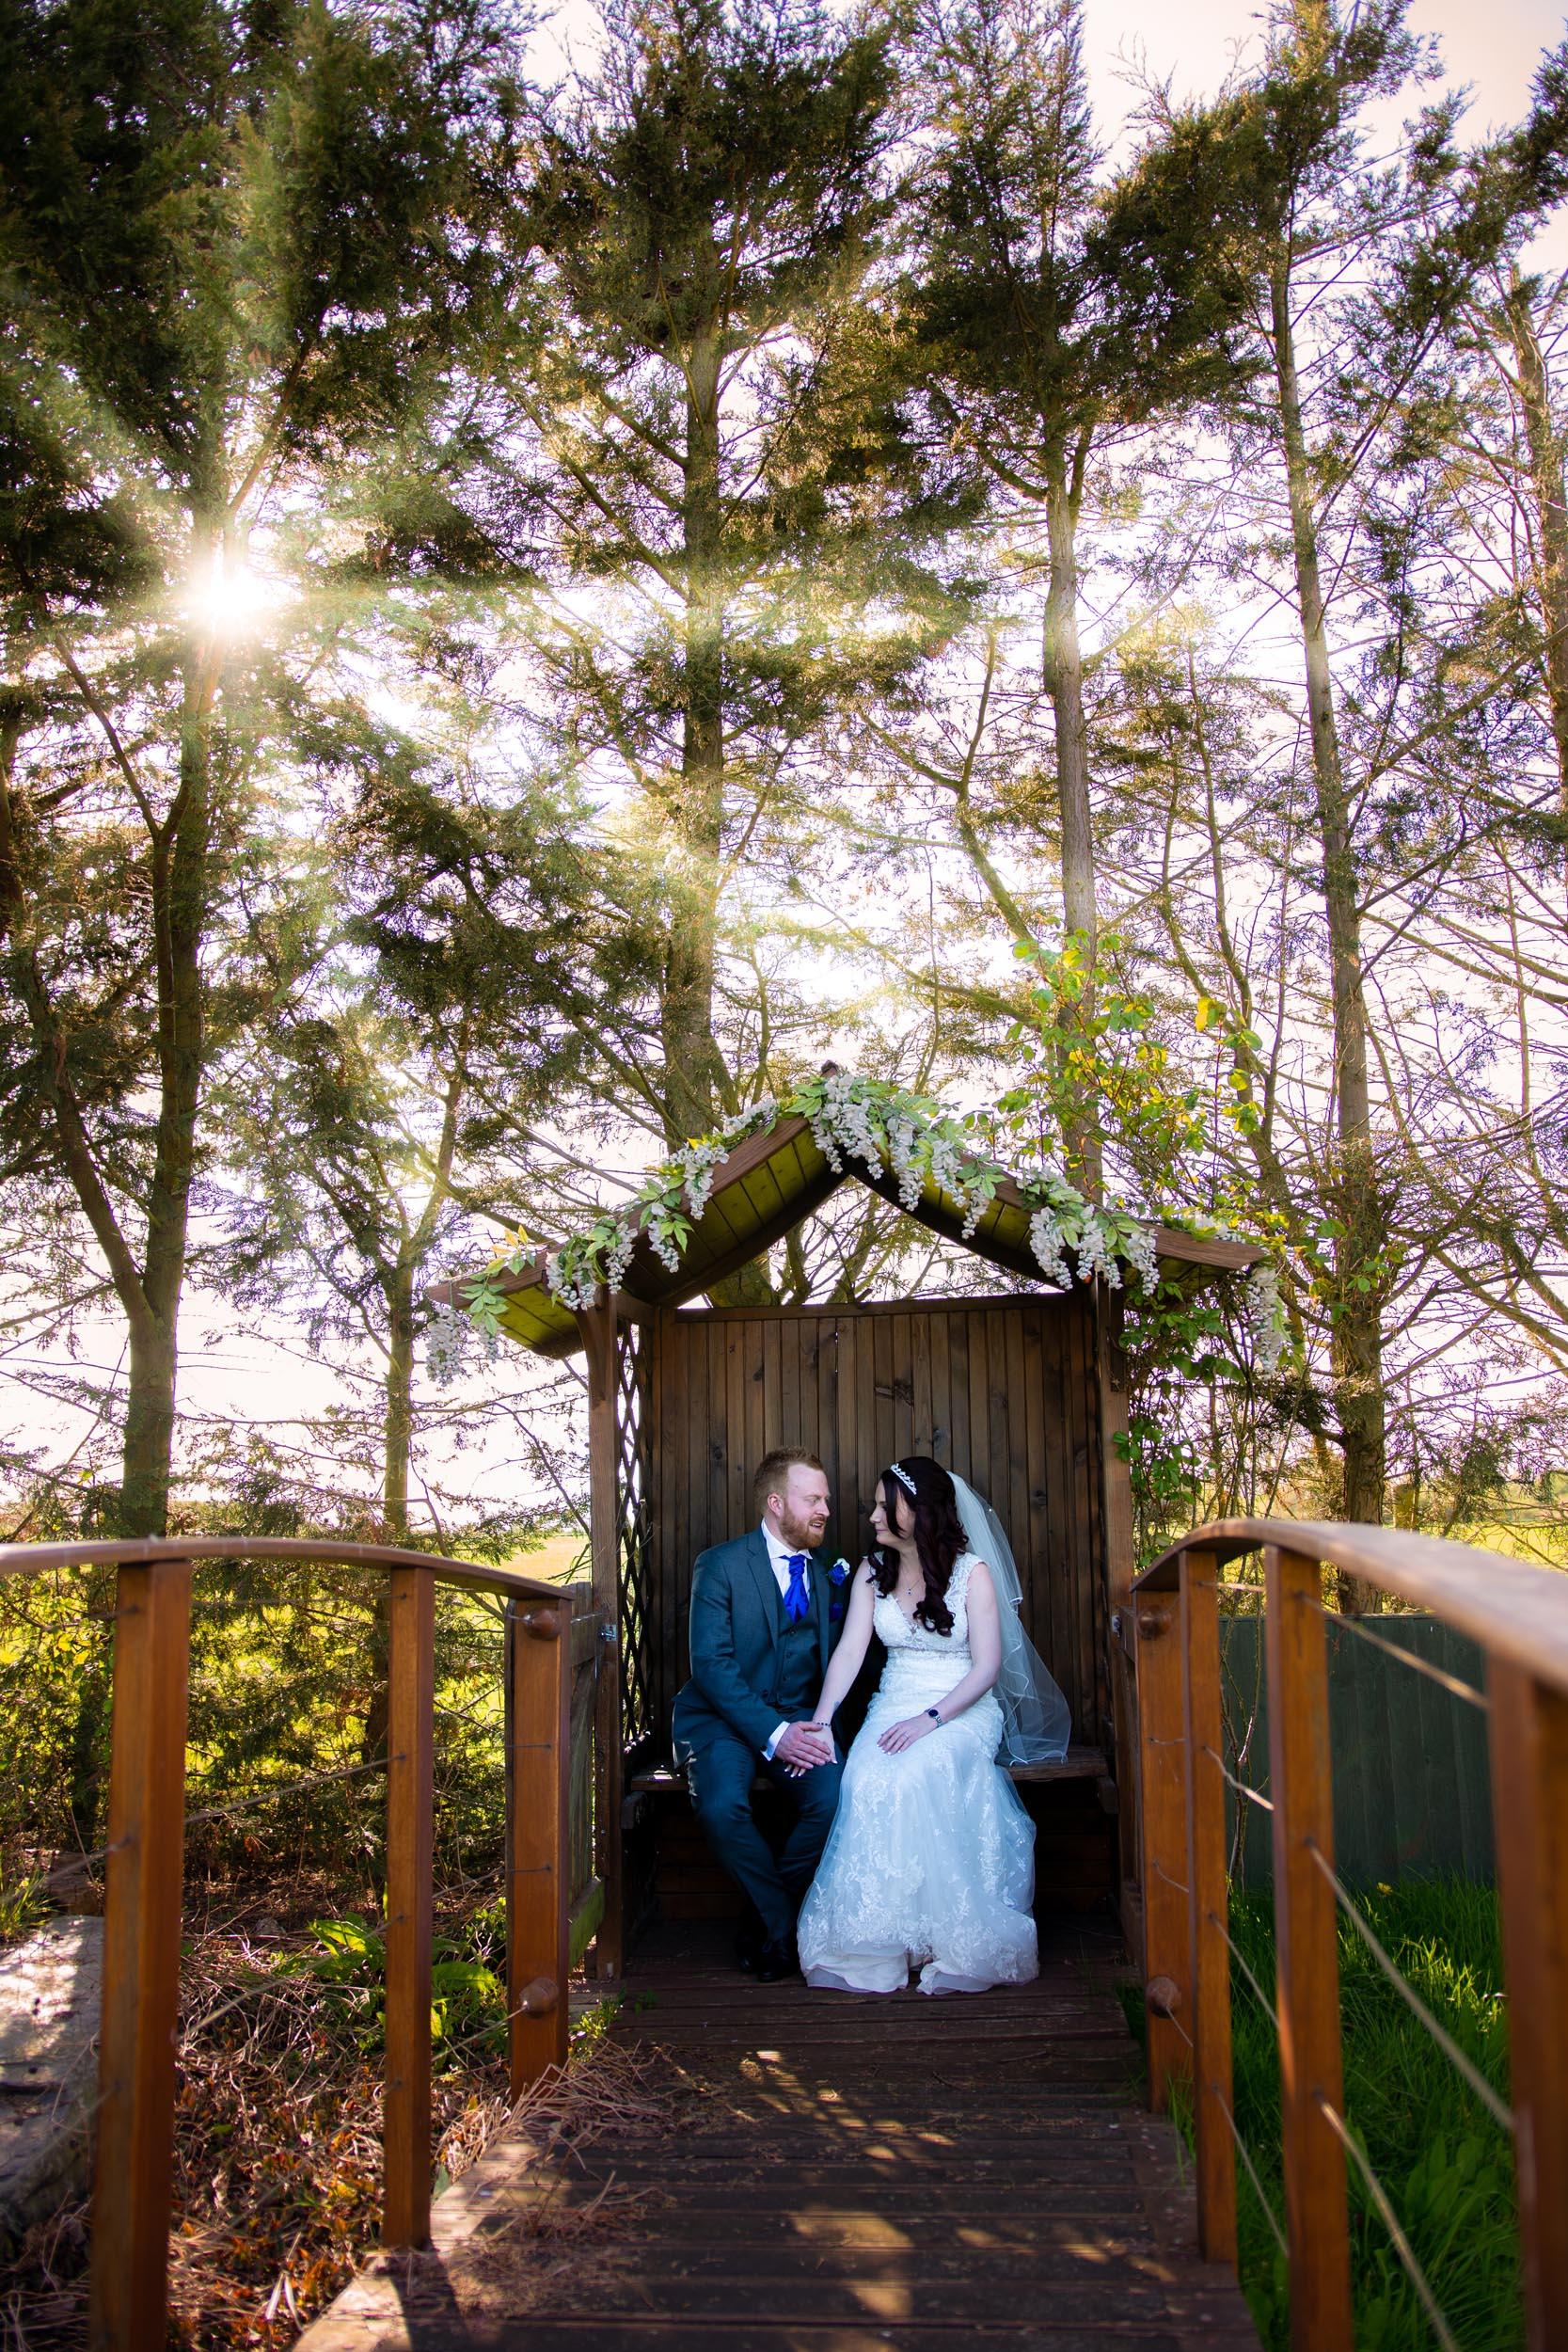 190420-Wedding-bride-groom-The-Old-Rectory-065.jpg